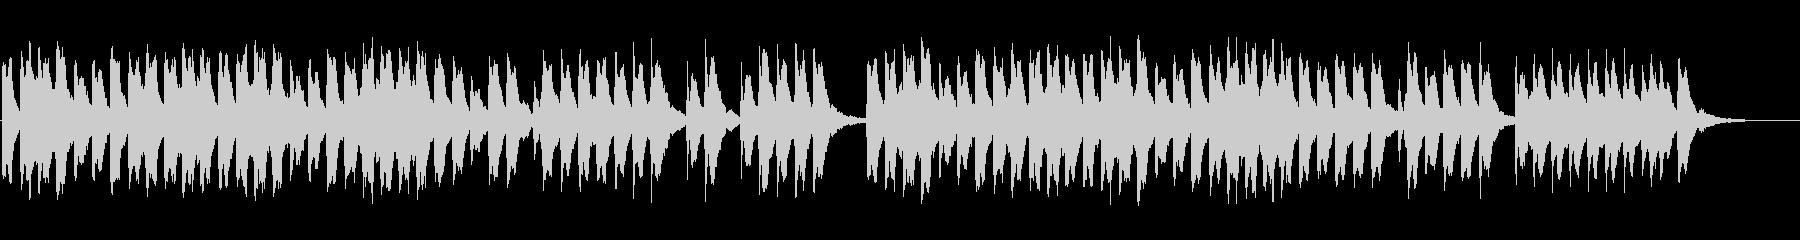 落ち着いたビブラフォンの未再生の波形